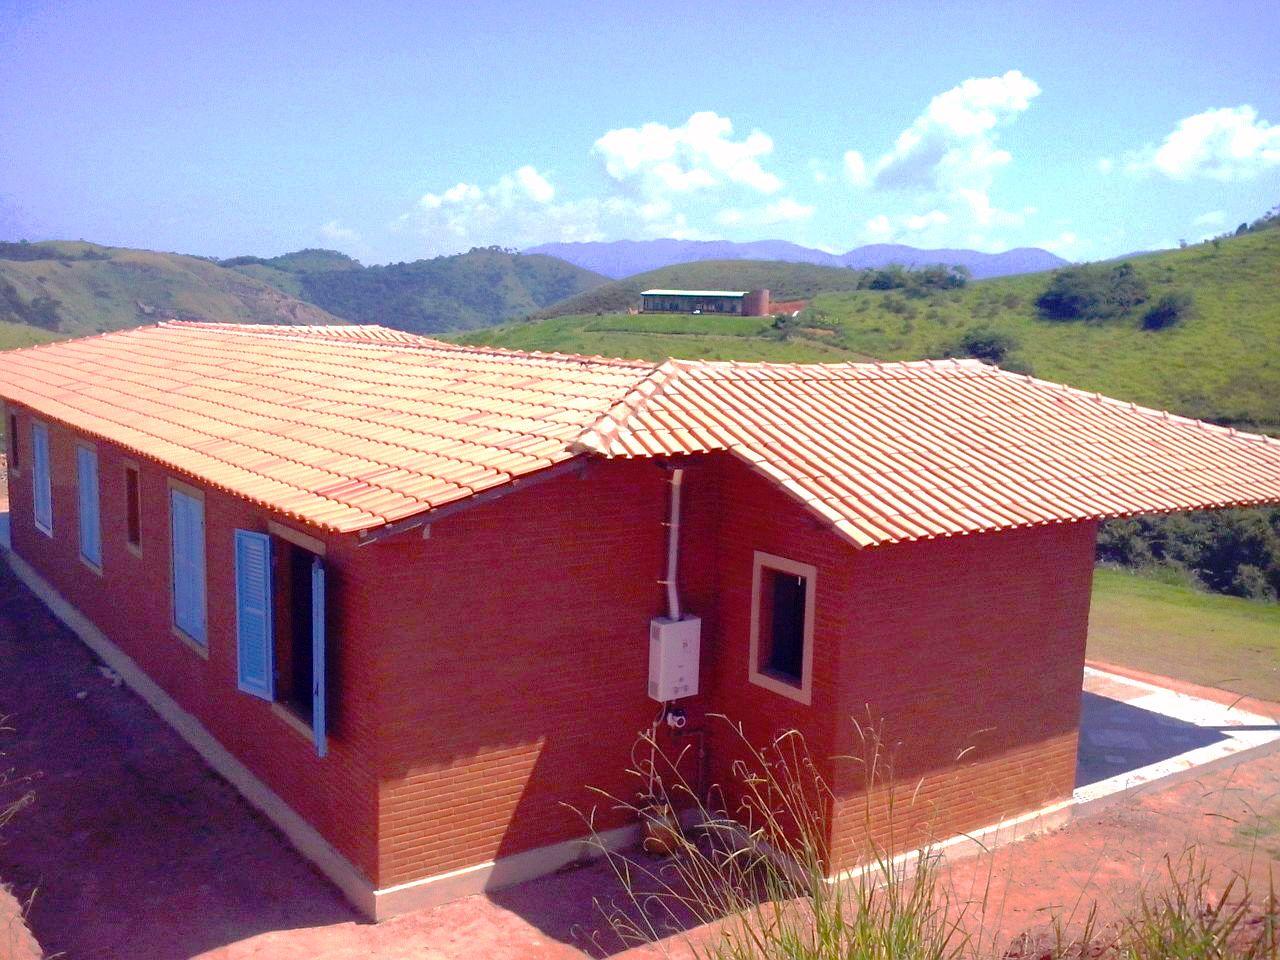 Construção com tijolo ecológico Trindade em Vassouras - RJ